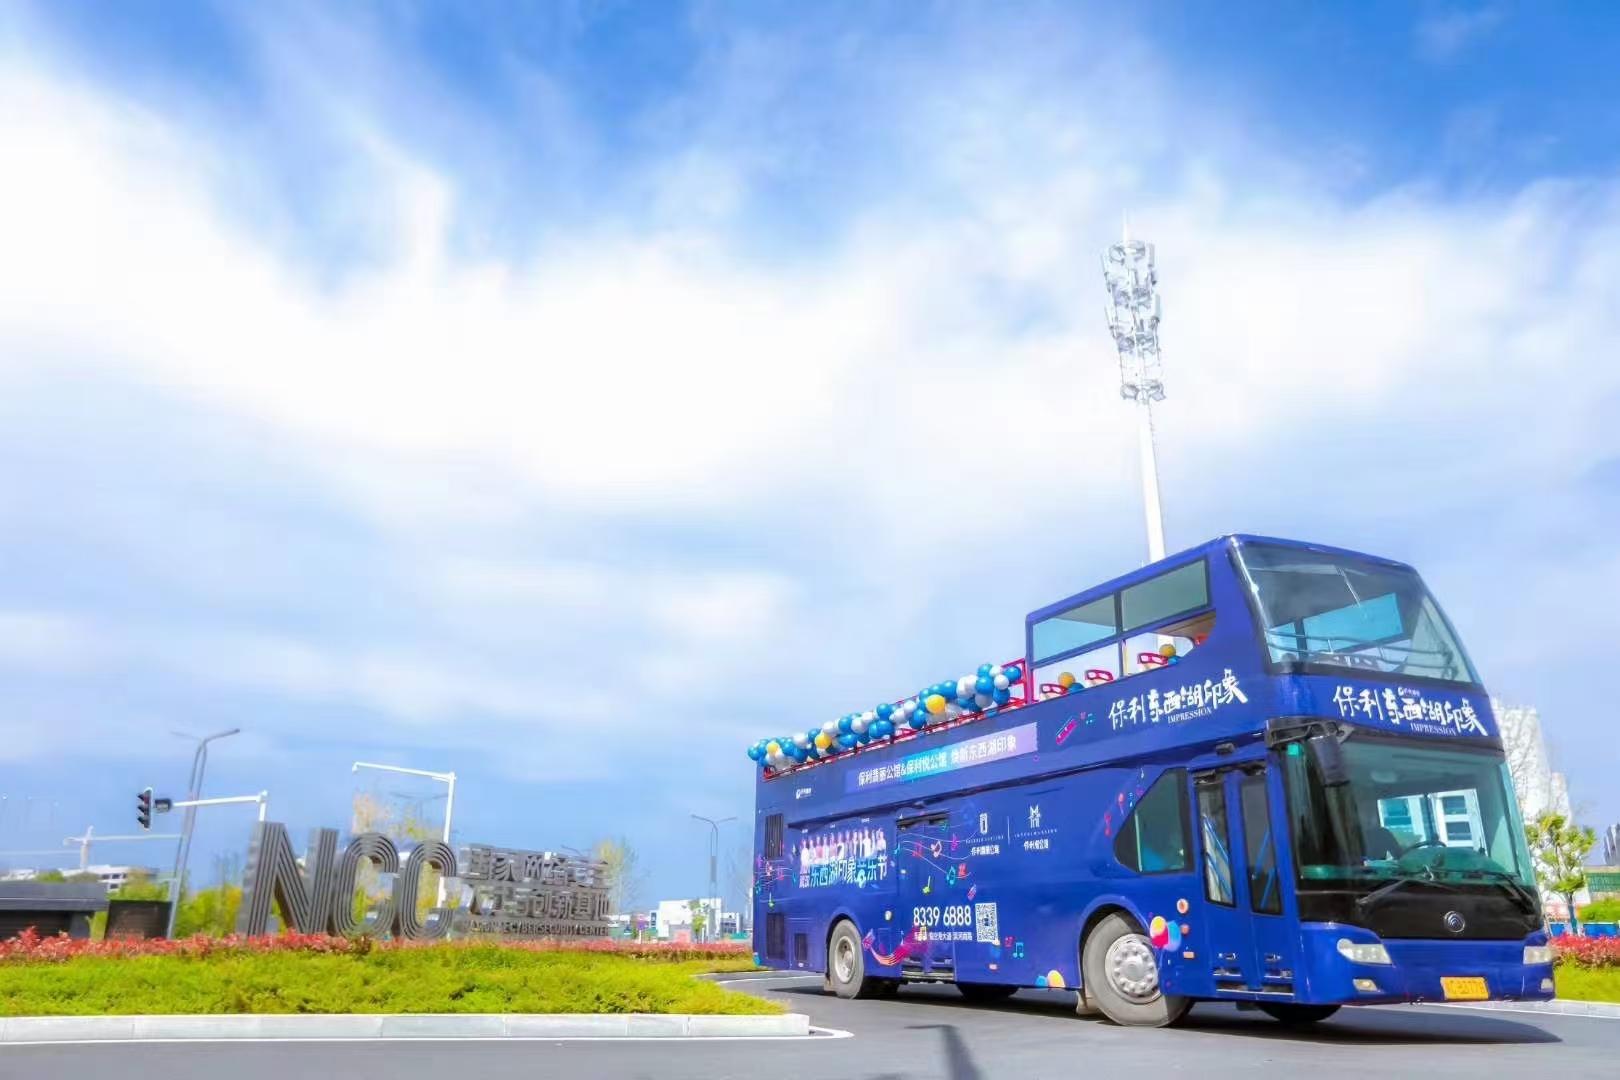 杭州双层敞篷巴士租赁费用